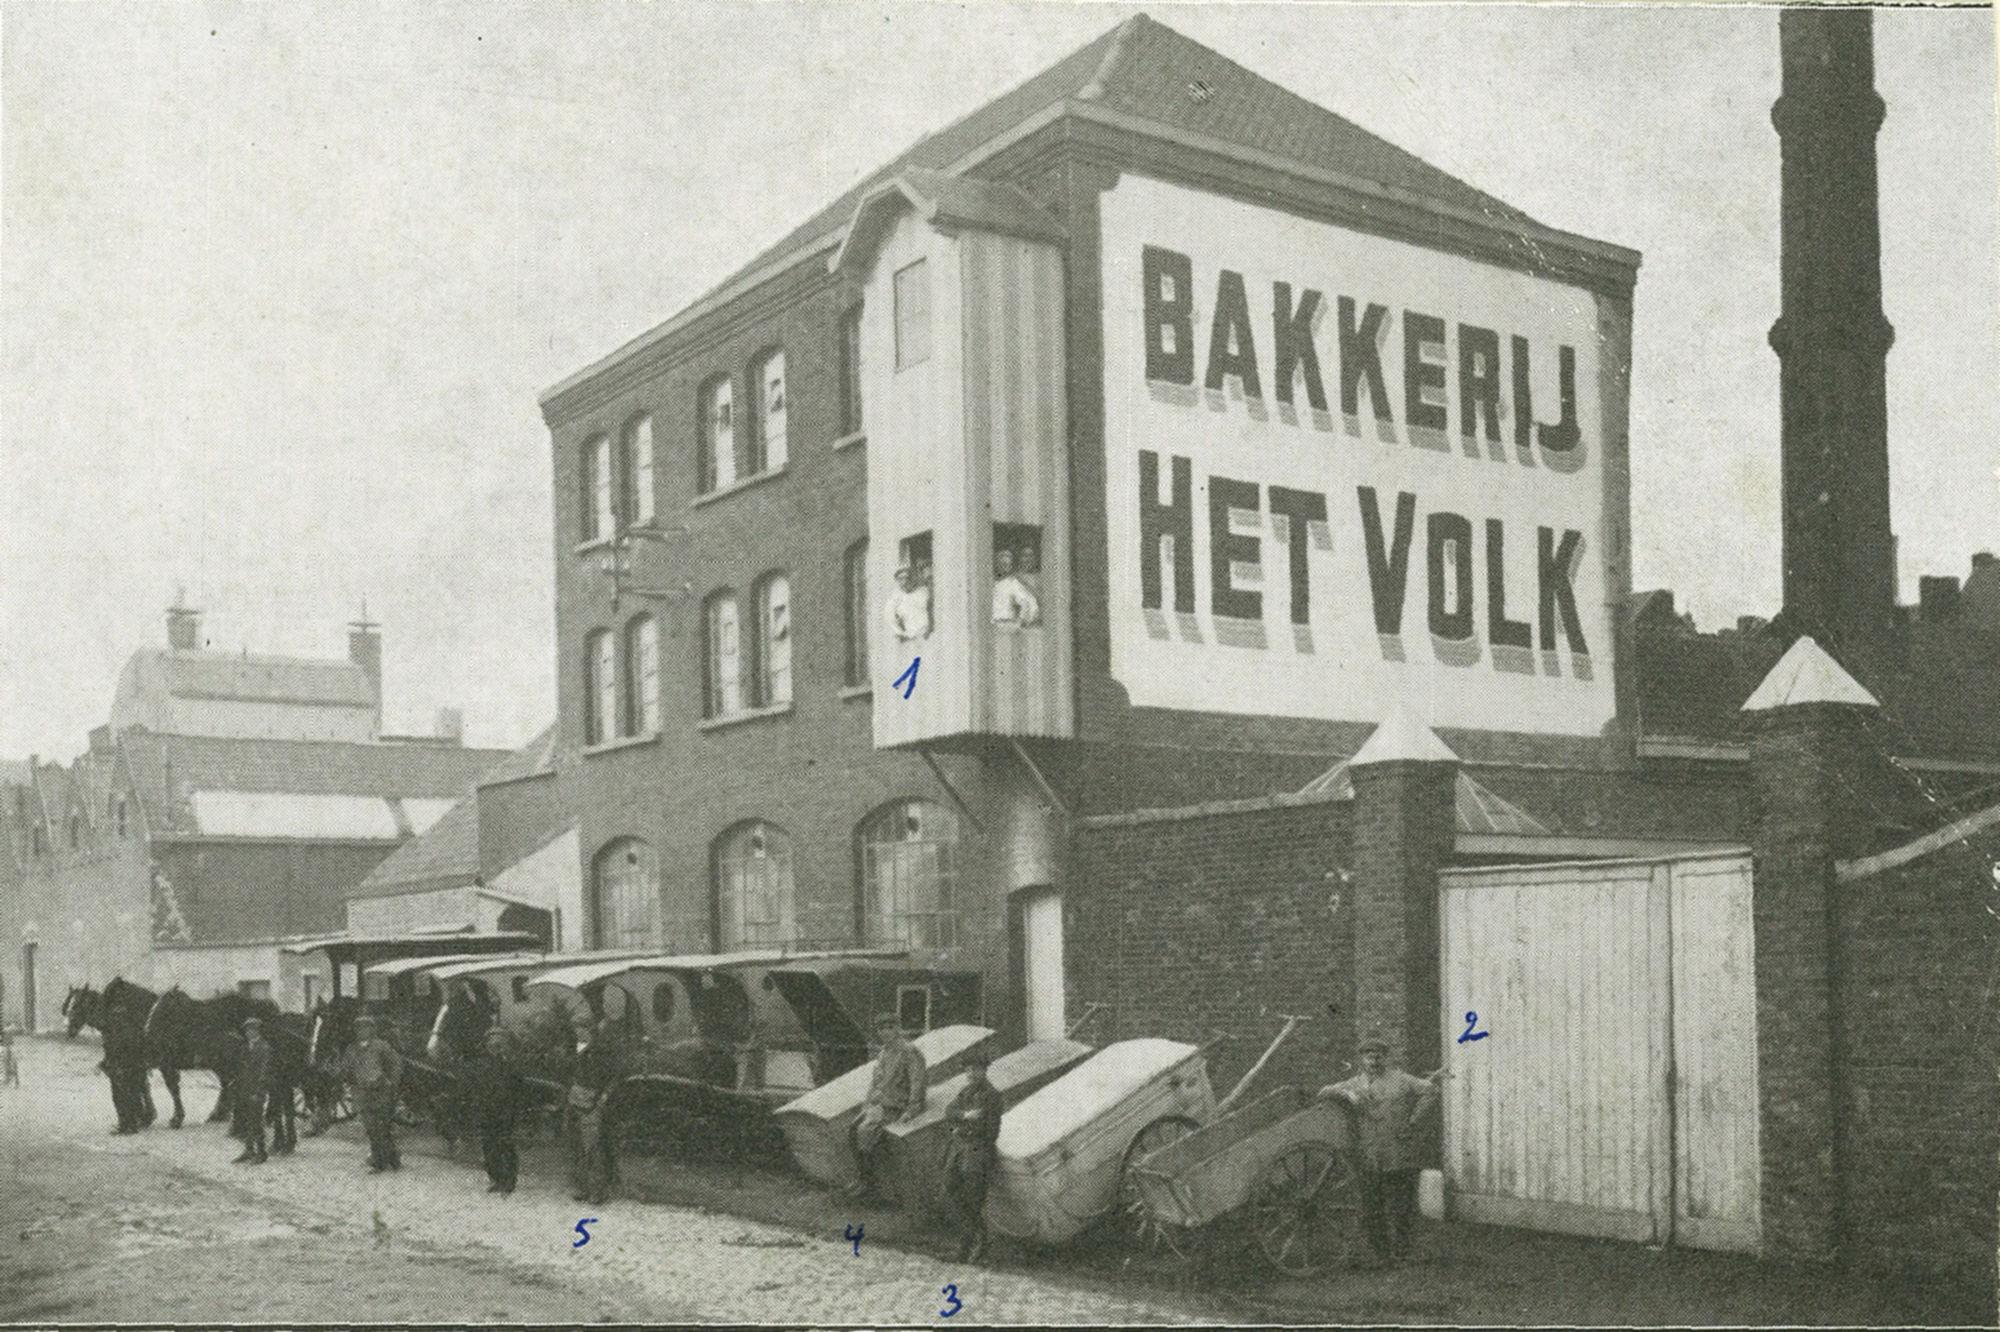 Bakkerij Het Volk in de Doornstraat